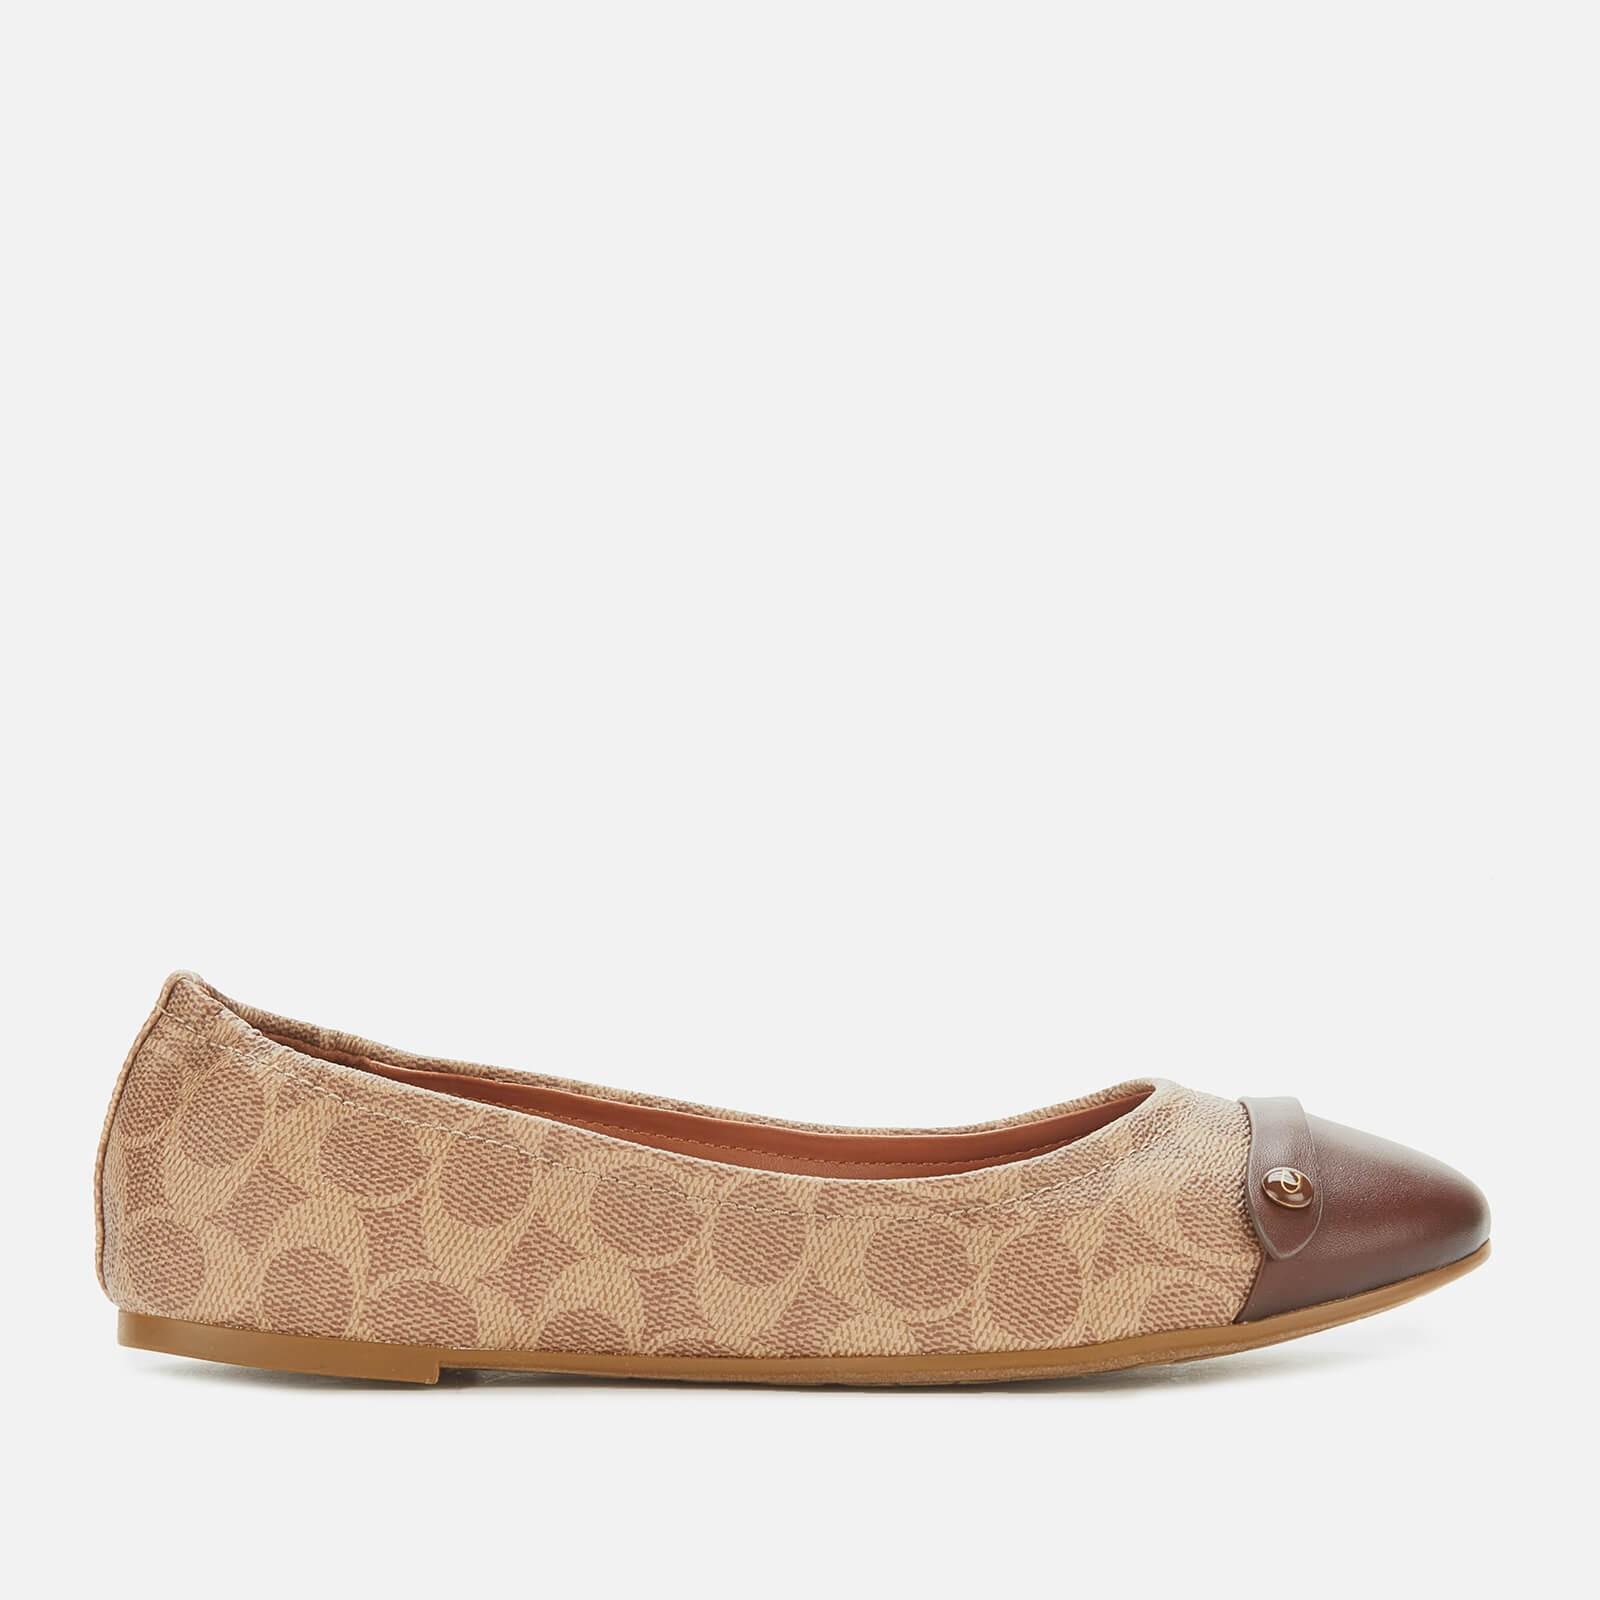 Brandi C 平底鞋